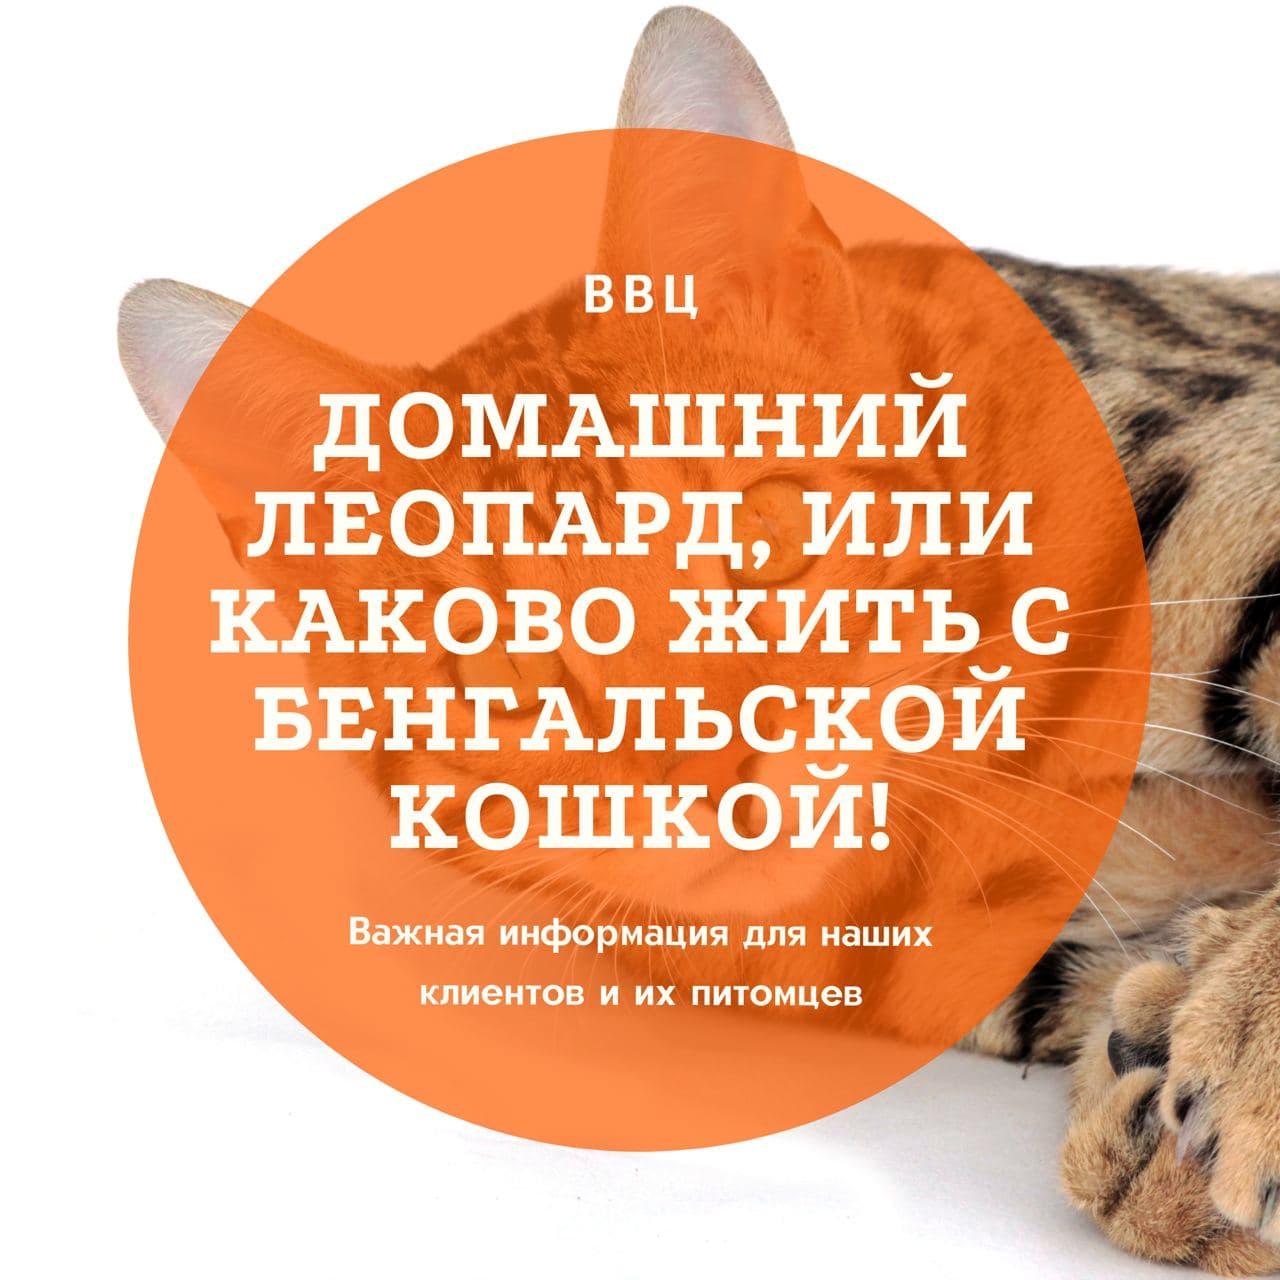 Домашний леопард, или каково жить с бенгальской кошкой!